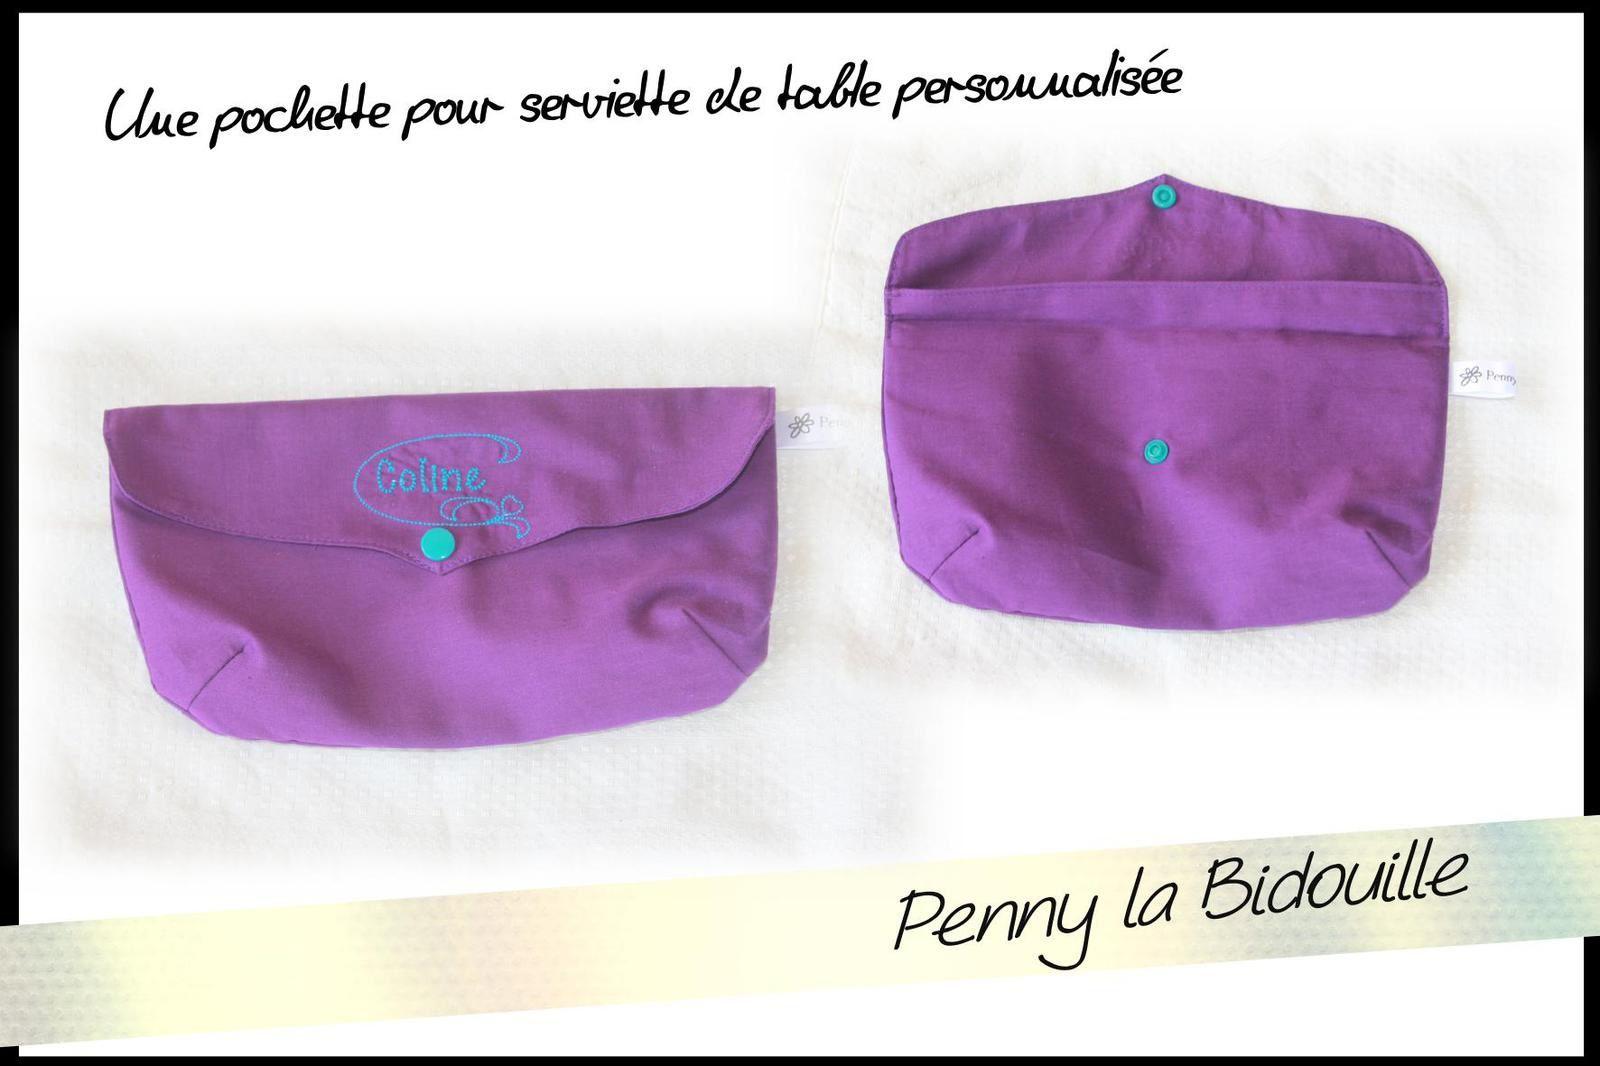 pochette pour serviette de table personnalis e le blog de penny la bidouille. Black Bedroom Furniture Sets. Home Design Ideas